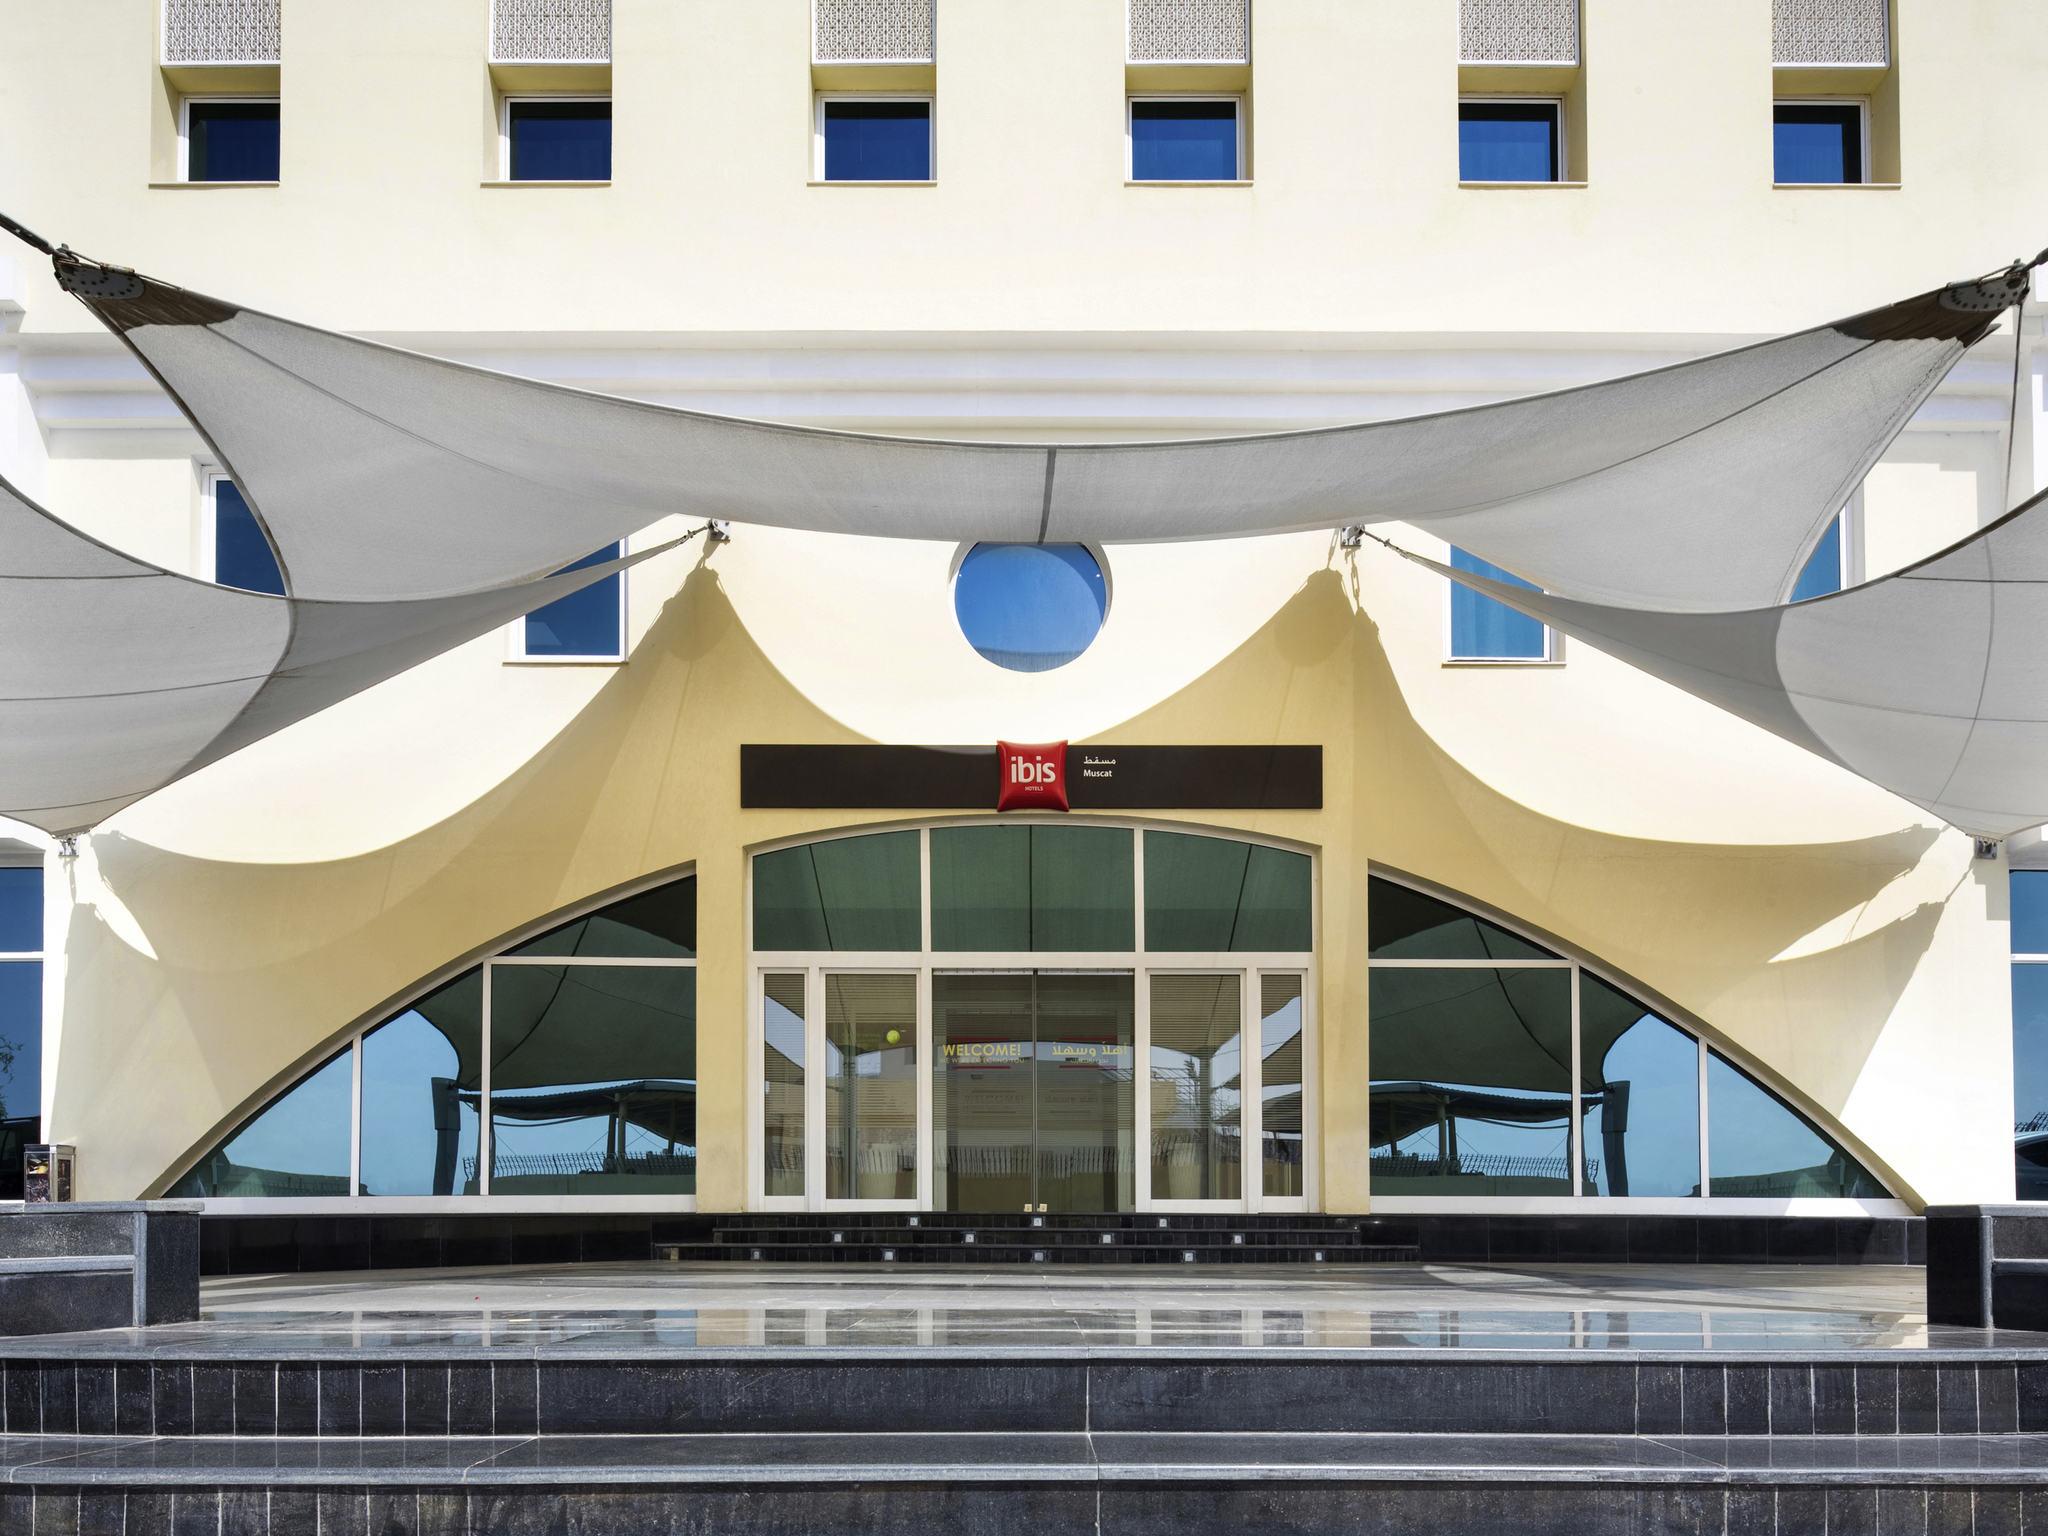 فندق - إيبيس ibis مسقط